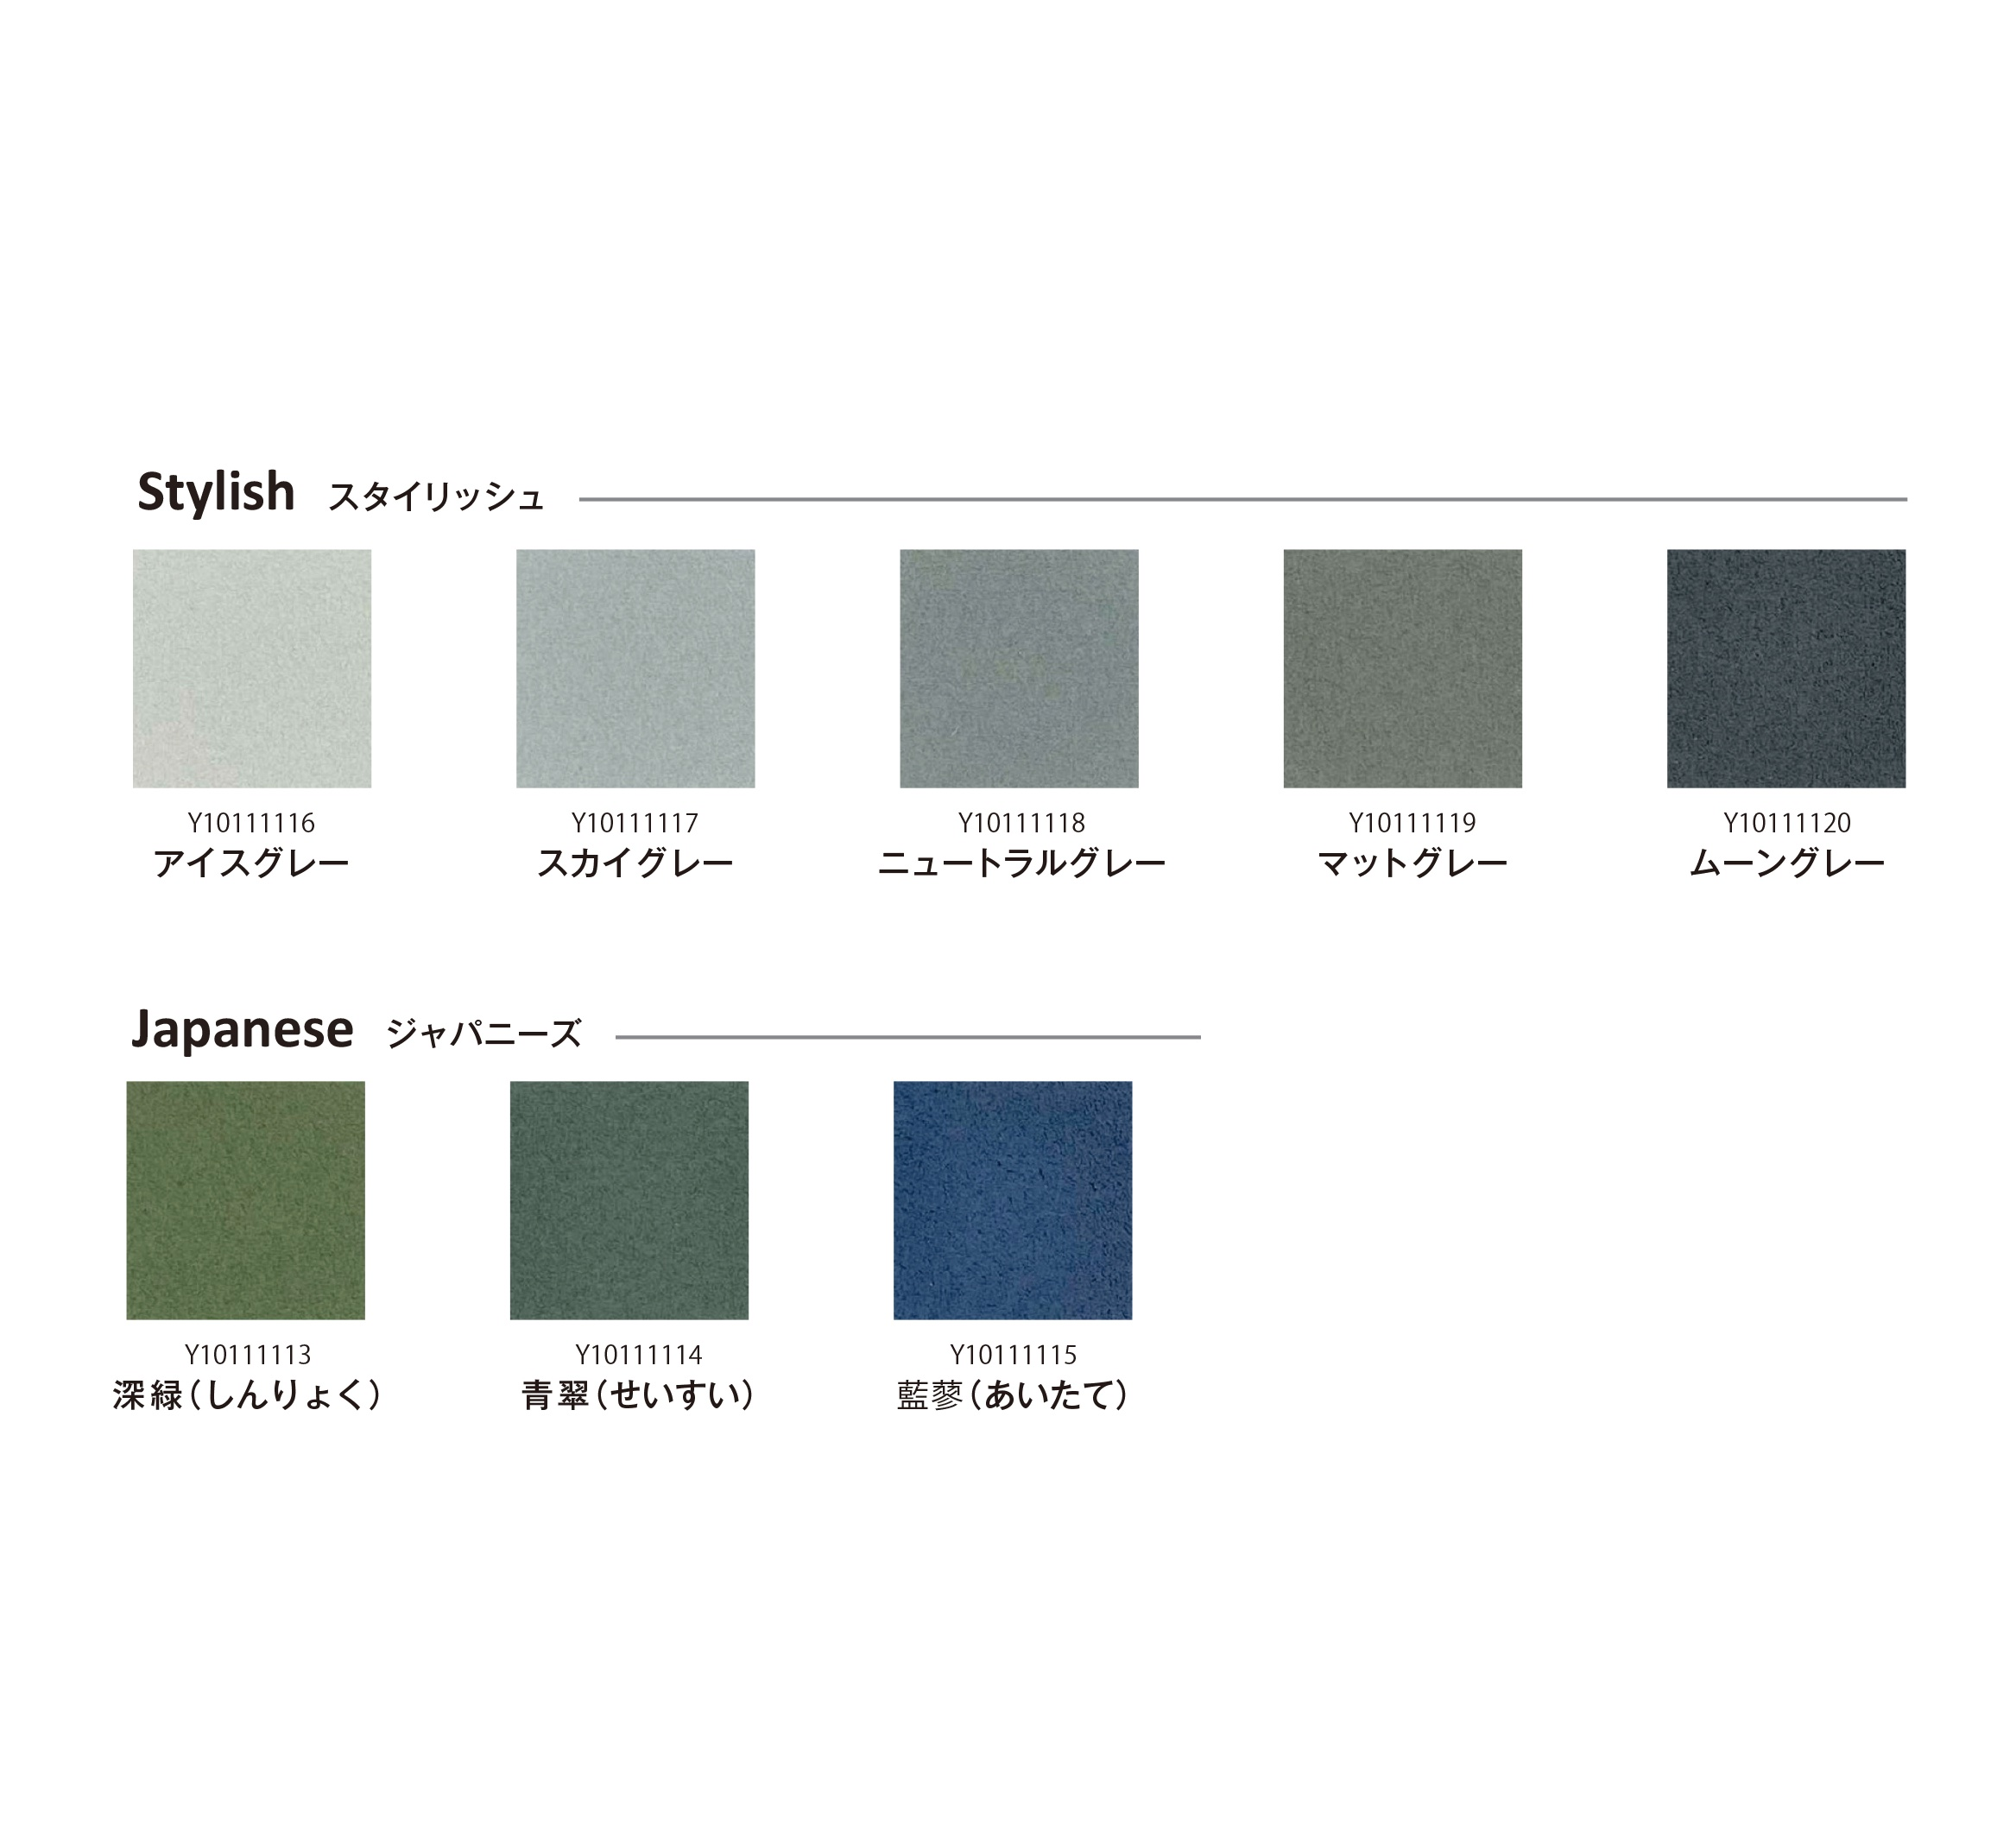 外装用塗材「ディバネート」に8色追加、全30色に